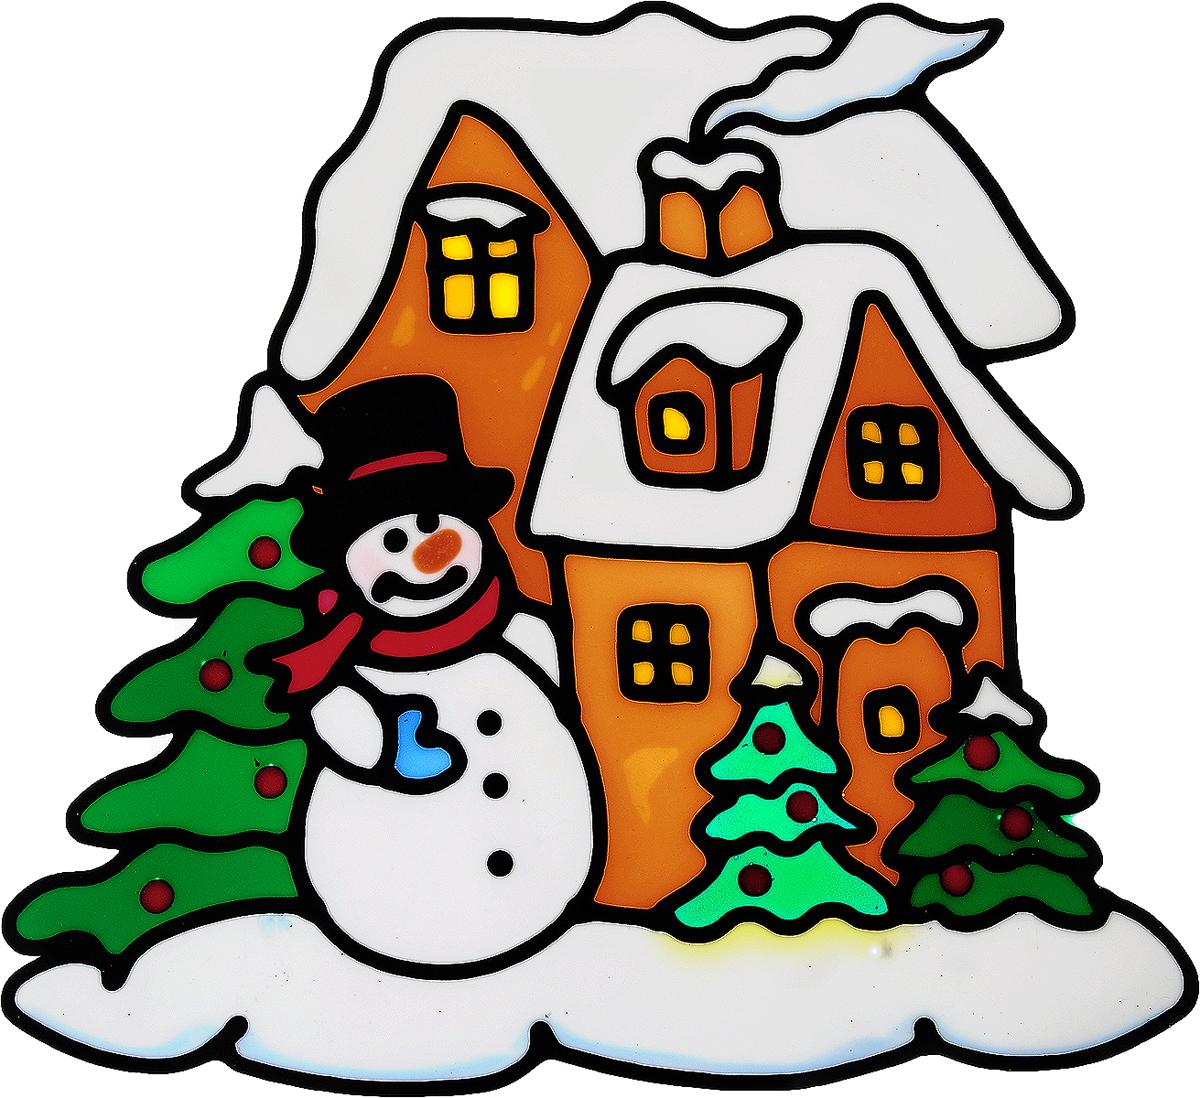 Украшение новогоднее оконное Winter Wings Снеговик у домика, 22 х 21 смN09319Новогоднее оконное украшение Winter Wings Снеговик у домика поможет украсить дом к предстоящим праздникам. Наклейка изготовлена из ПВХ.С помощью этих украшений вы сможете оживить интерьер по своему вкусу, наклеить их на окно, на зеркало или на дверь.Новогодние украшения всегда несут в себе волшебство и красоту праздника. Создайте в своем доме атмосферу тепла, веселья и радости, украшая его всей семьей. Размер наклейки: 22 х 21 см.